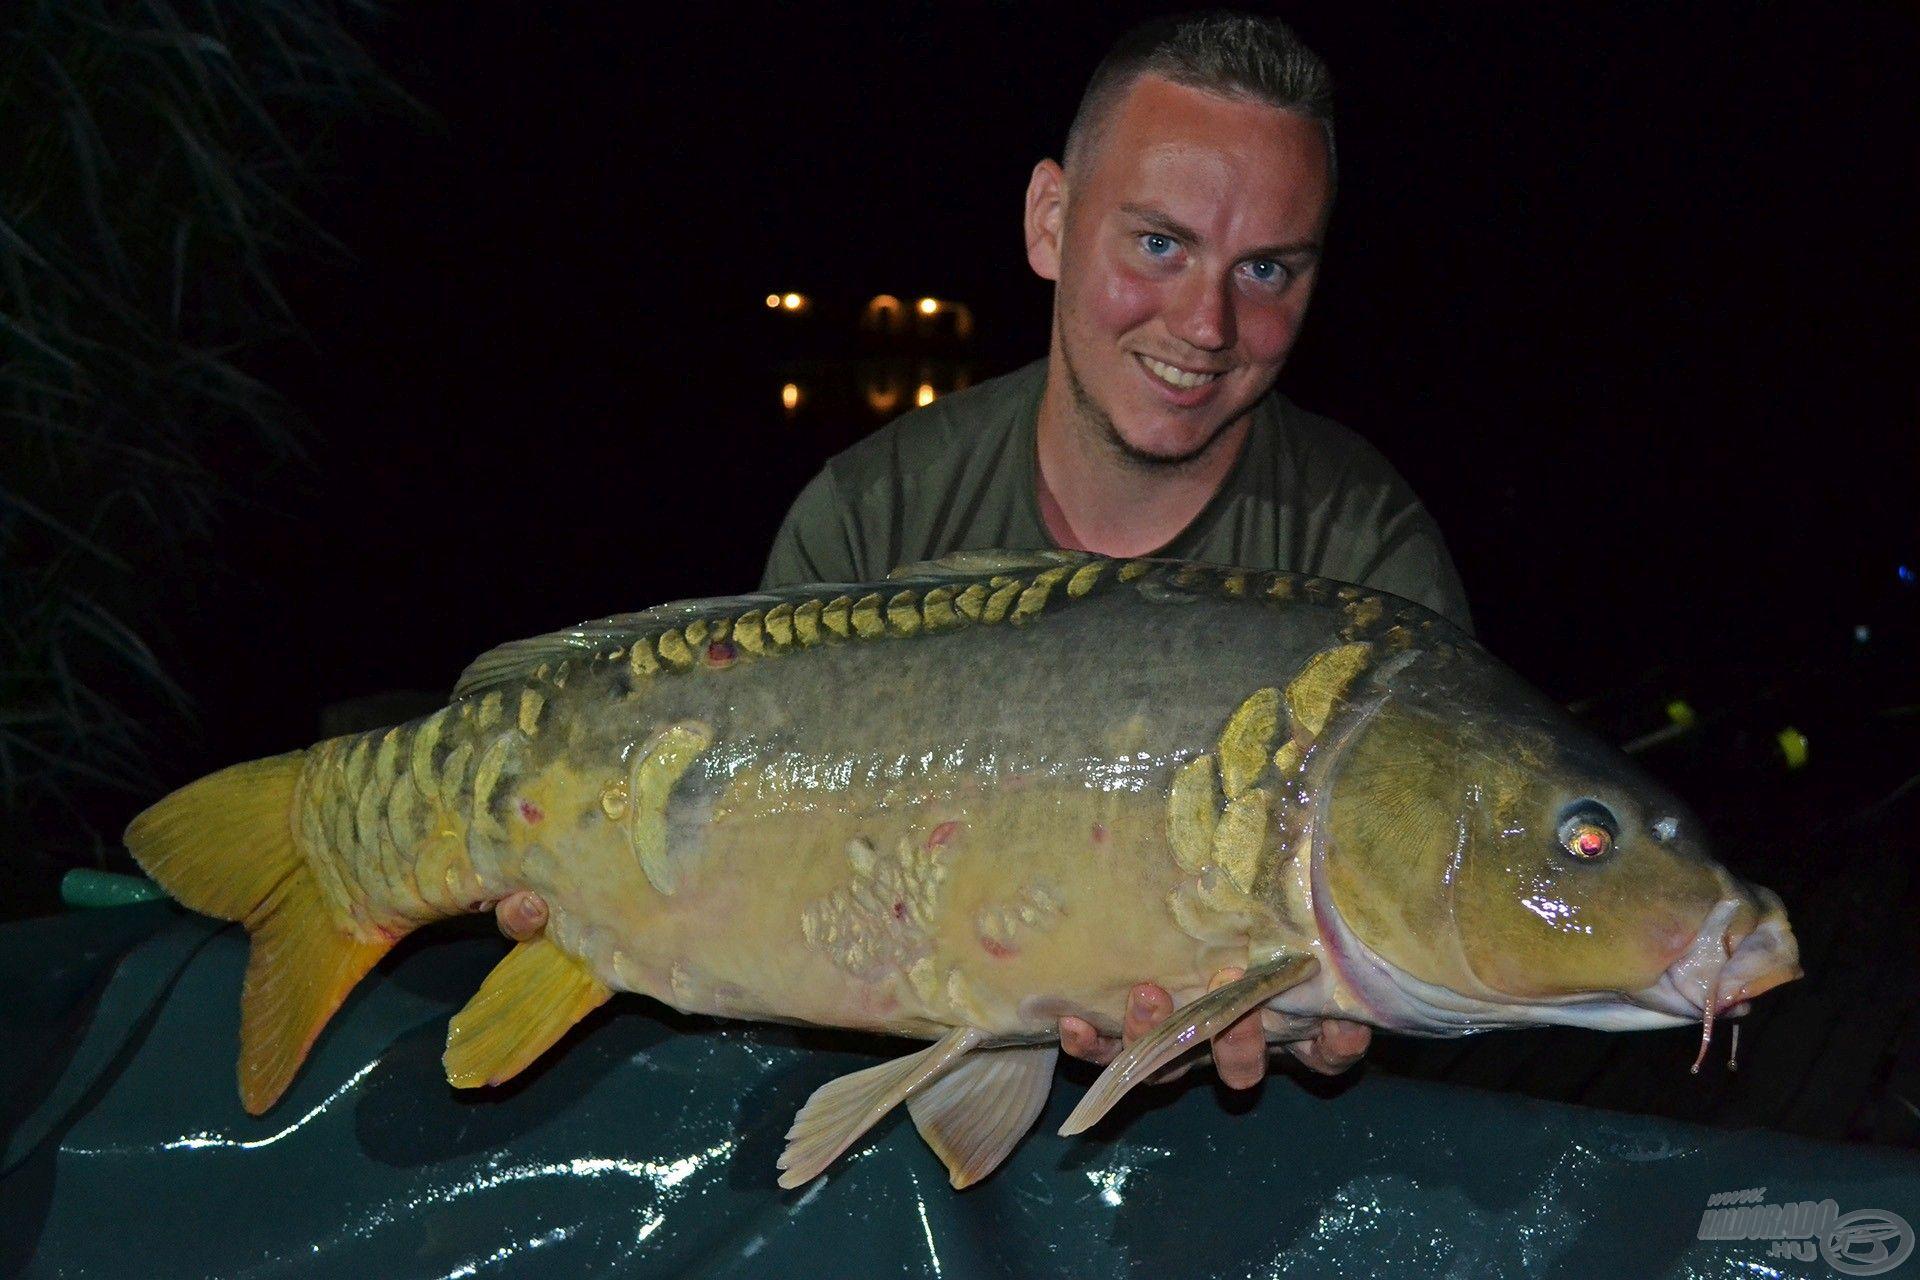 Az ilyen szép halakért érdemes felkelni: 10,80 kg-os, gyönyörű, spanyolmintás tükrös